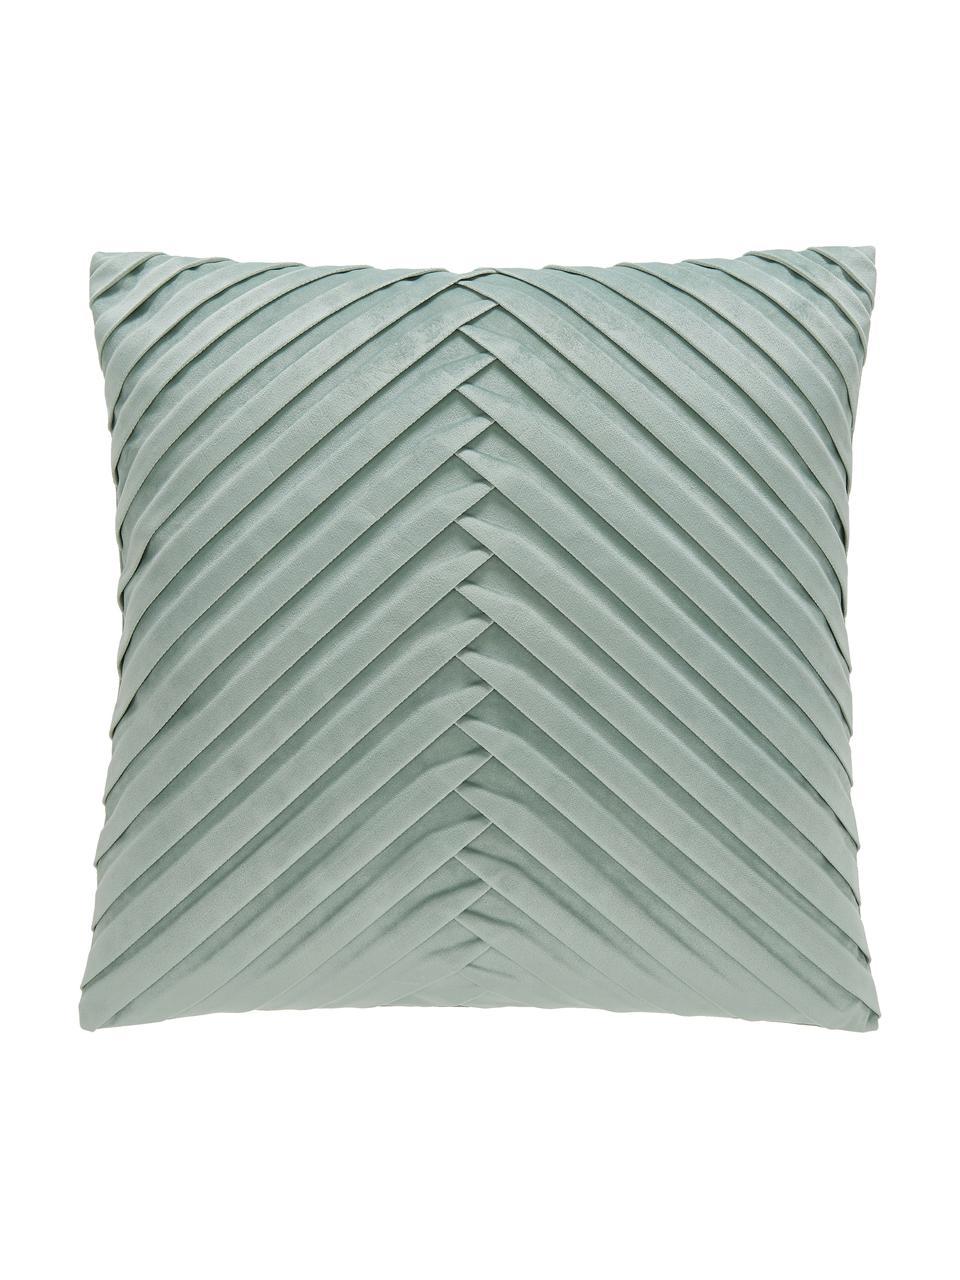 Samt-Kissenhülle Lucie in Salbeigrün mit Struktur-Oberfläche, 100% Samt (Polyester), Salbeigrün, 45 x 45 cm